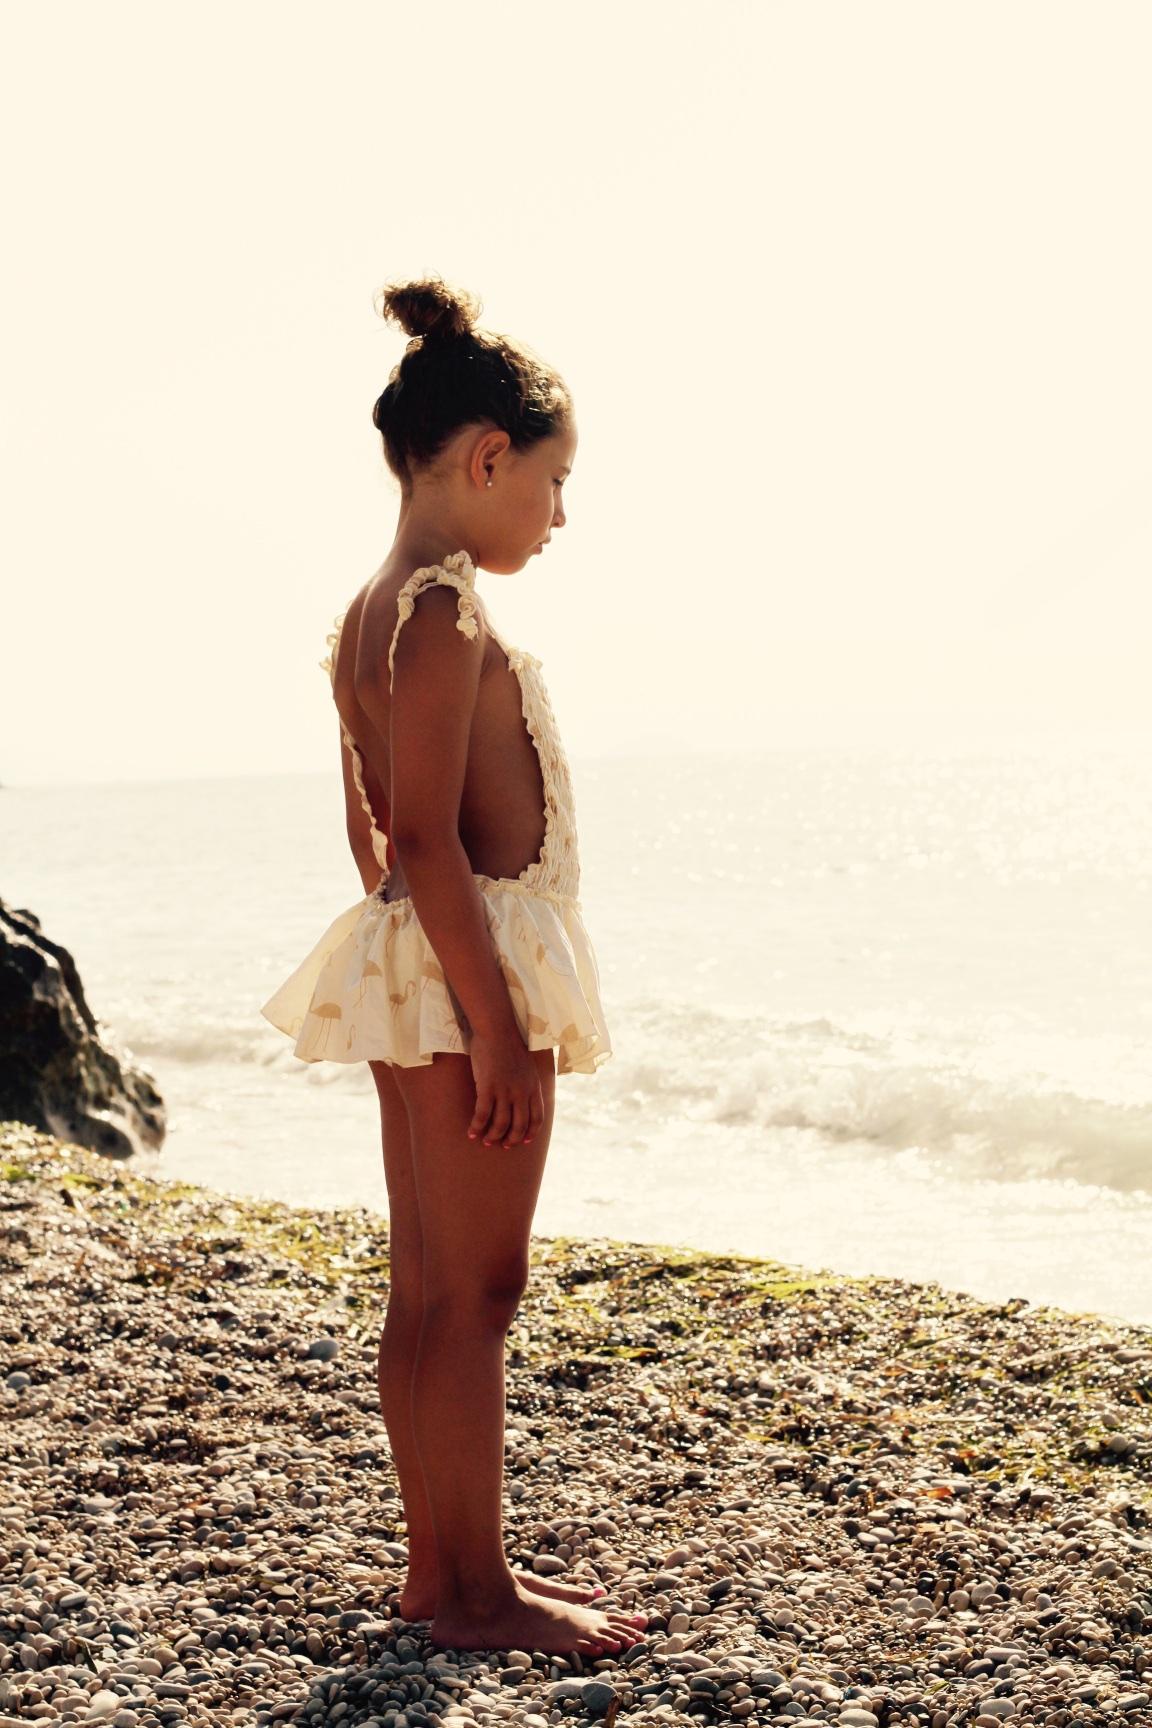 flamenco-bañador-omini-jimena-fashionkids-girl-descalzaporelparque